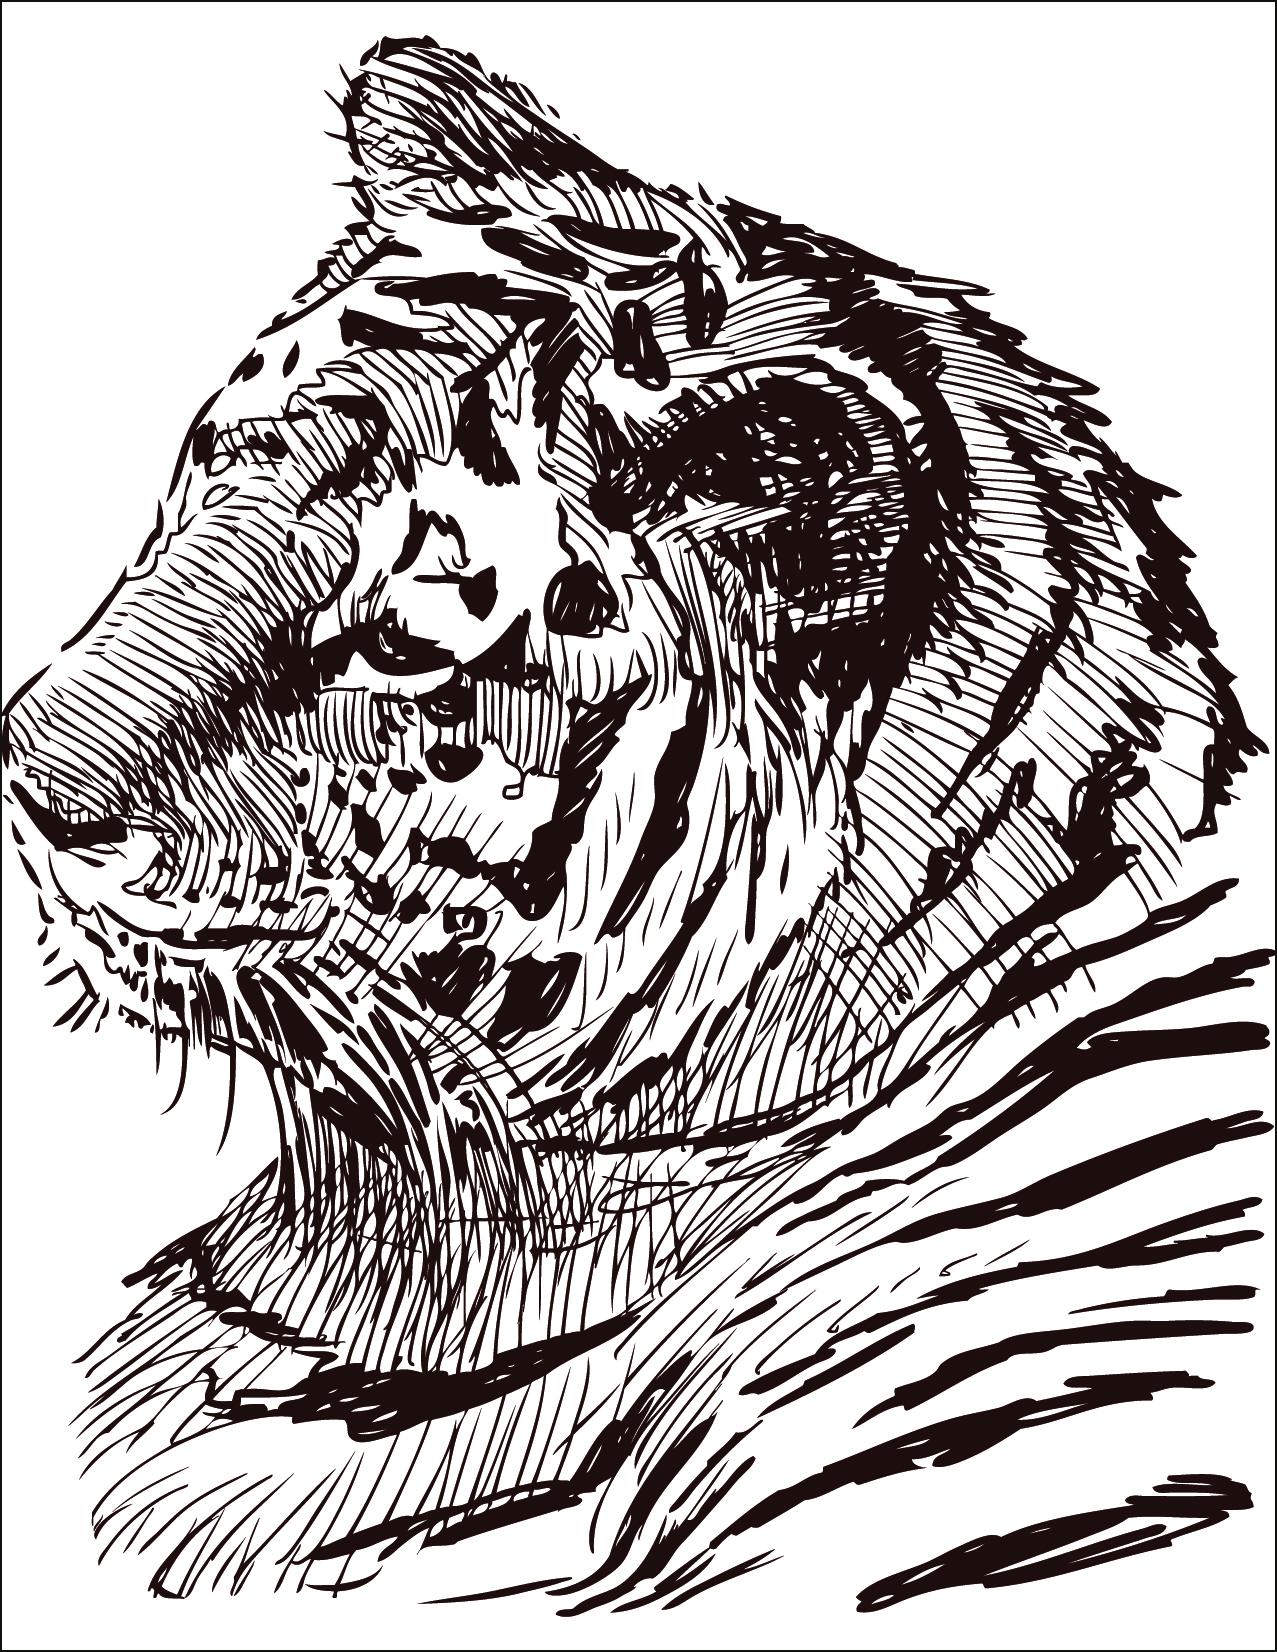 Meilleur De Dessin A Imprimer Gratuit De Tigre